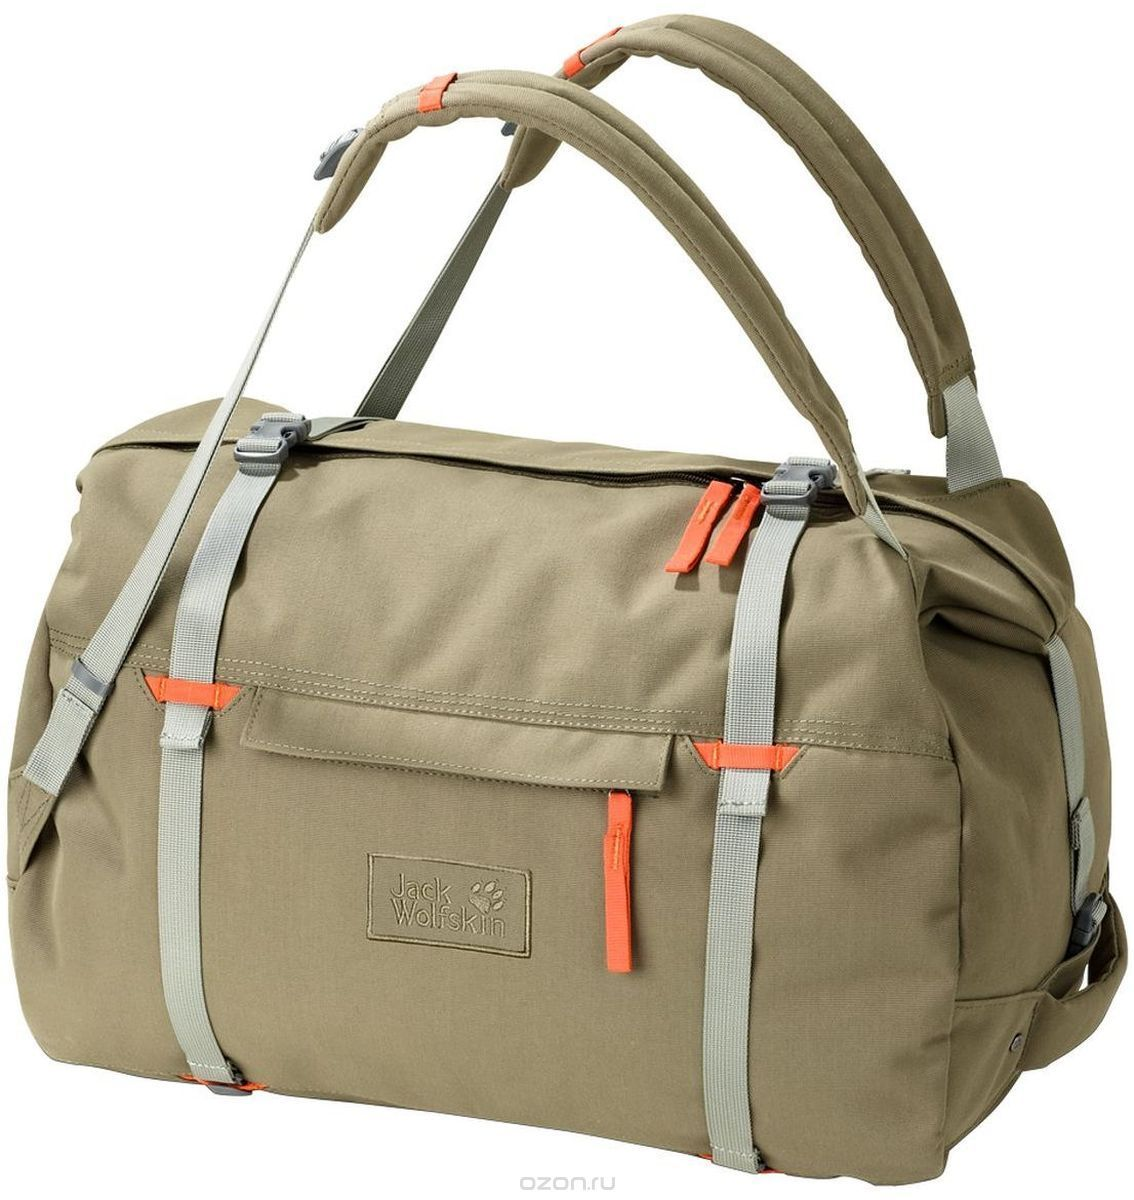 a07af7f1a707 Сумка-рюкзак Jack Wolfskin Roamer 80 Duffle , цвет: бежевый. 2005451-5033